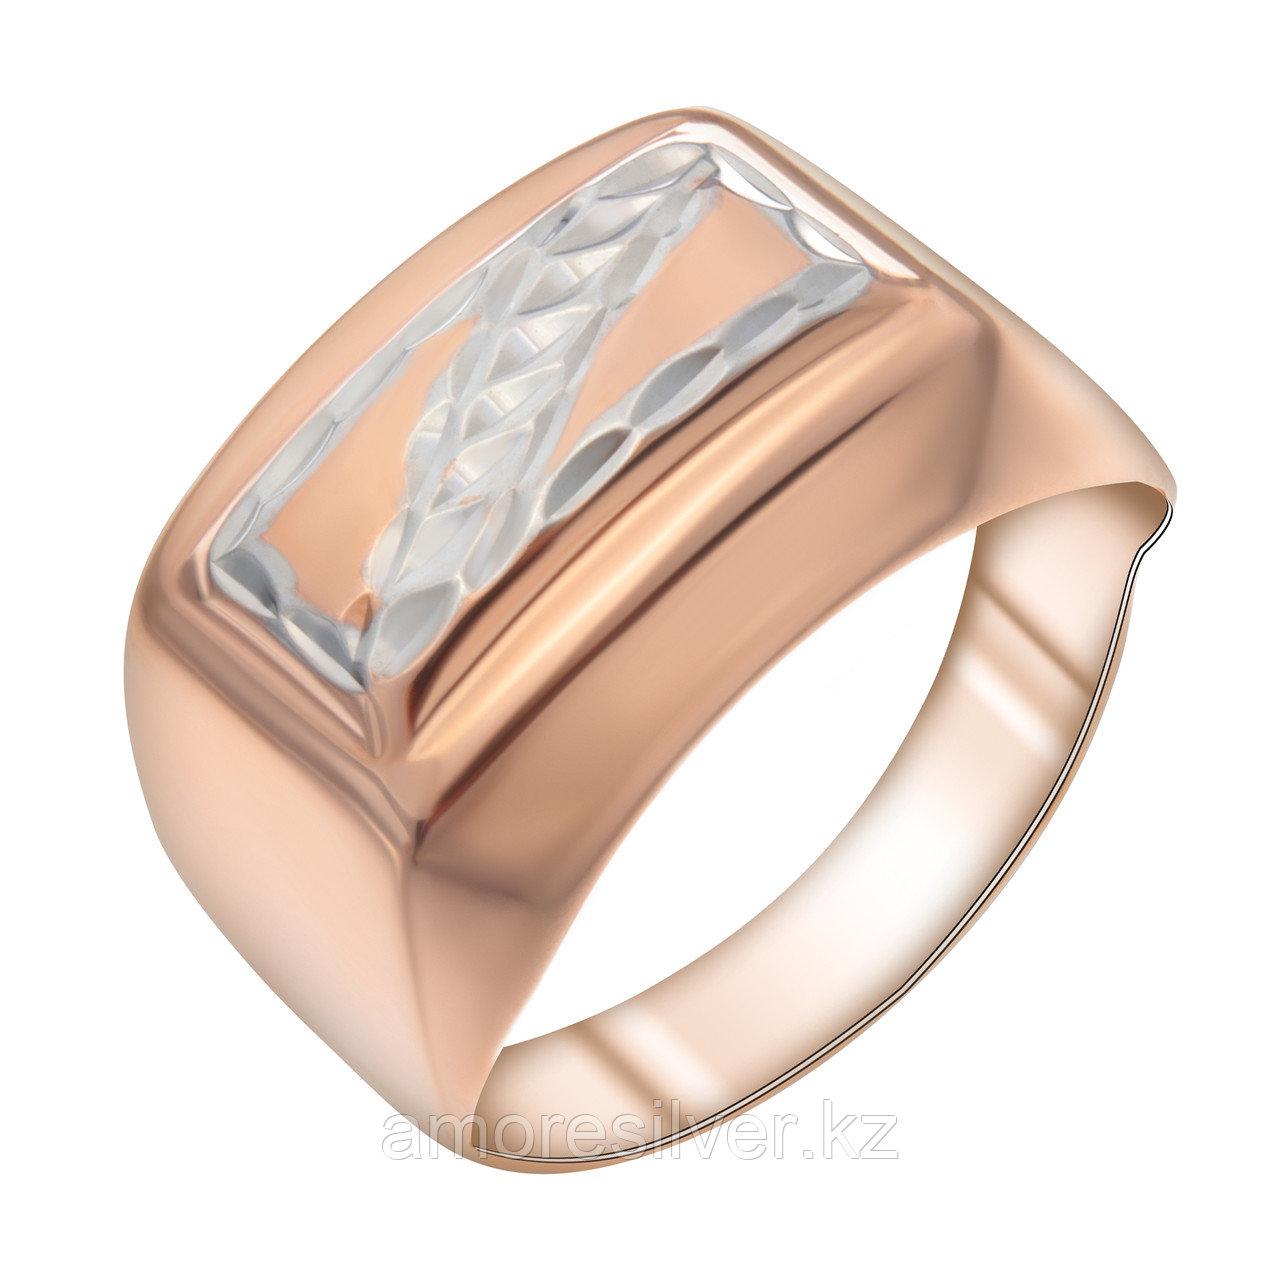 Кольцо Aquamarine серебро с позолотой, без вставок, классика 51277#